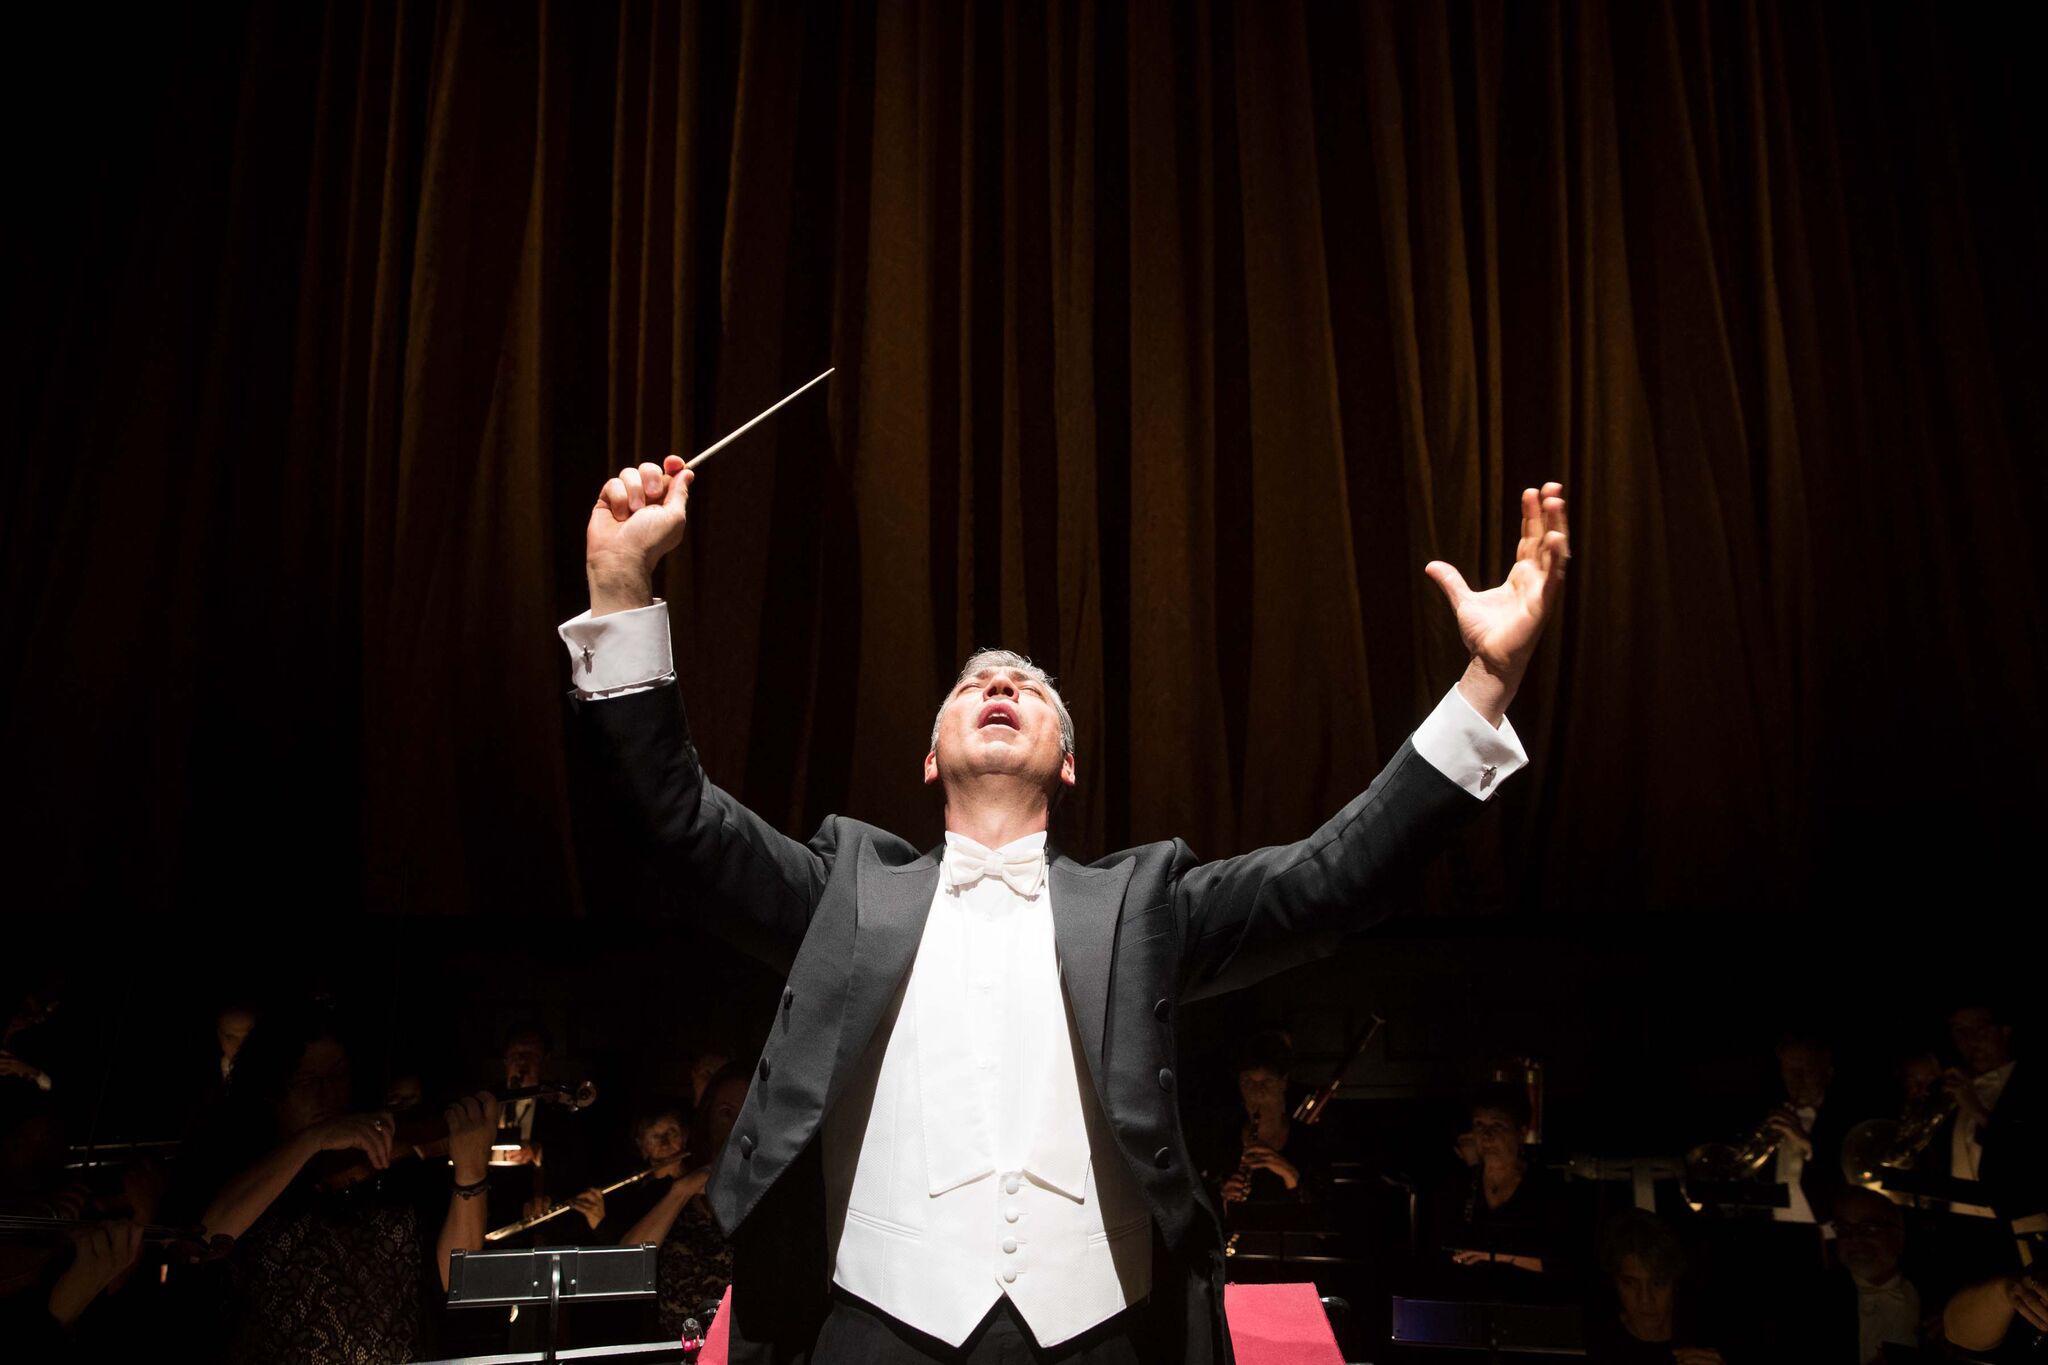 Conductor Nicola Luisotti